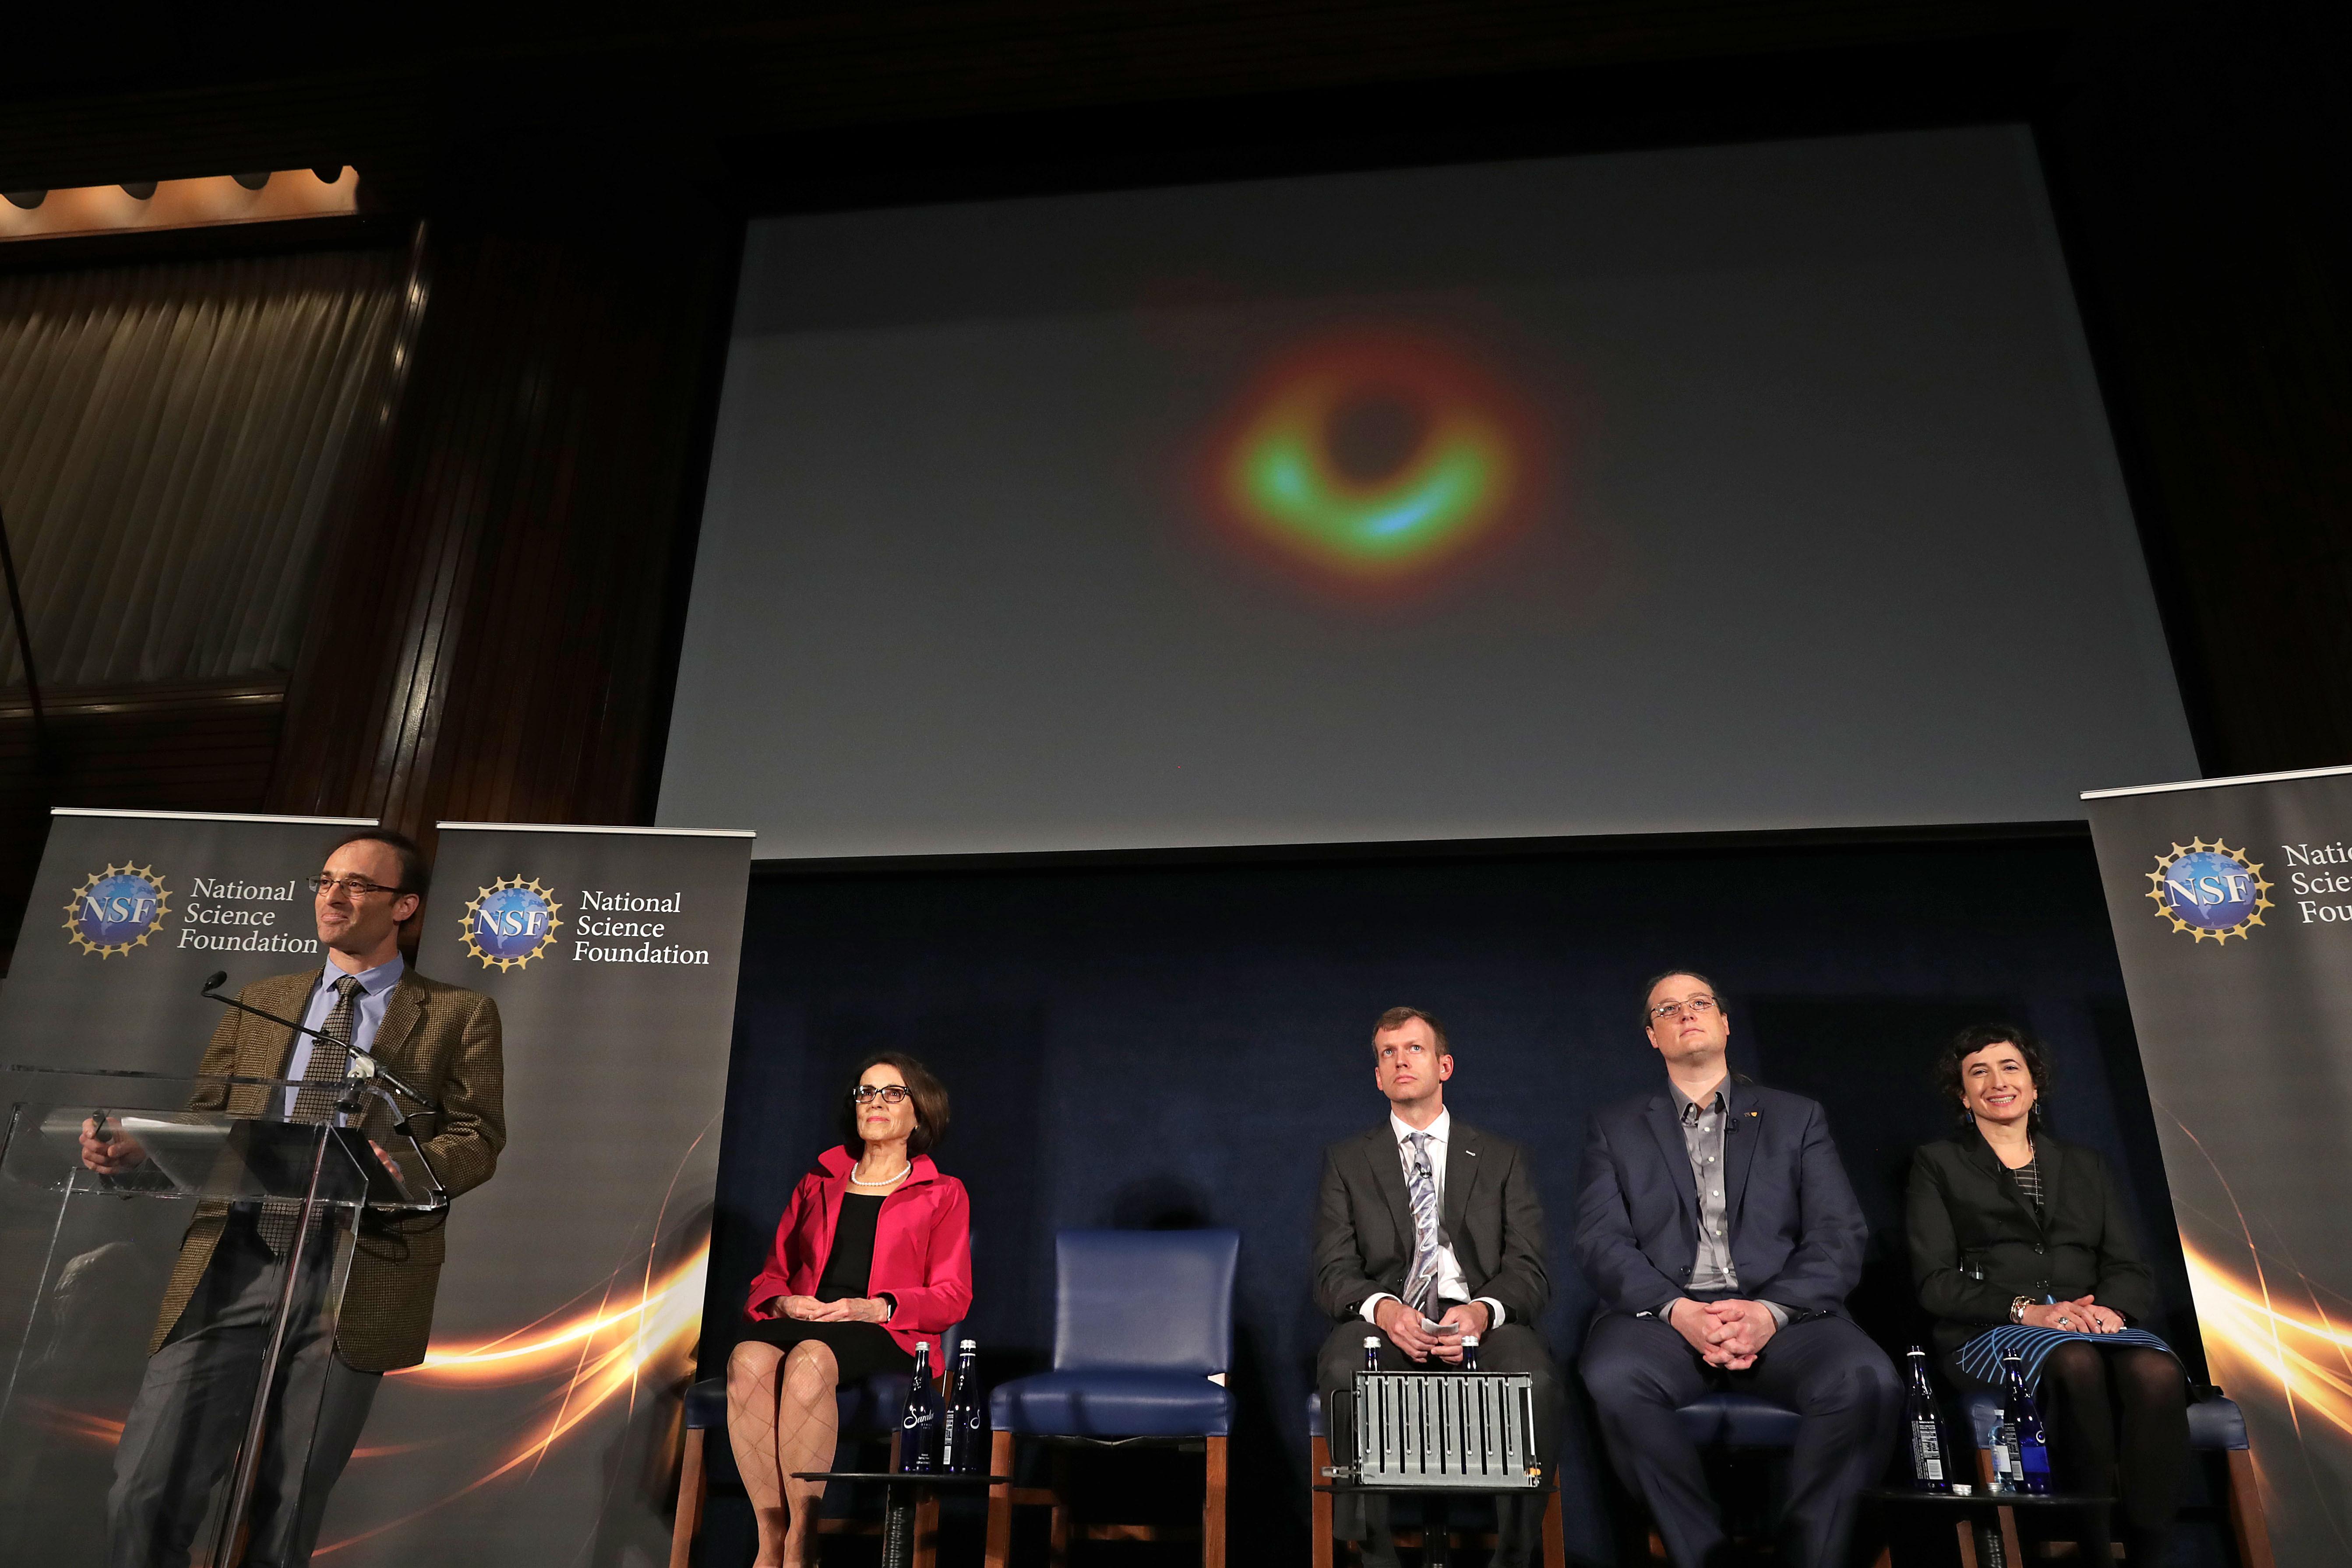 Observar buraco negro é como ler em Paris jornal exposto em Nova Iorque